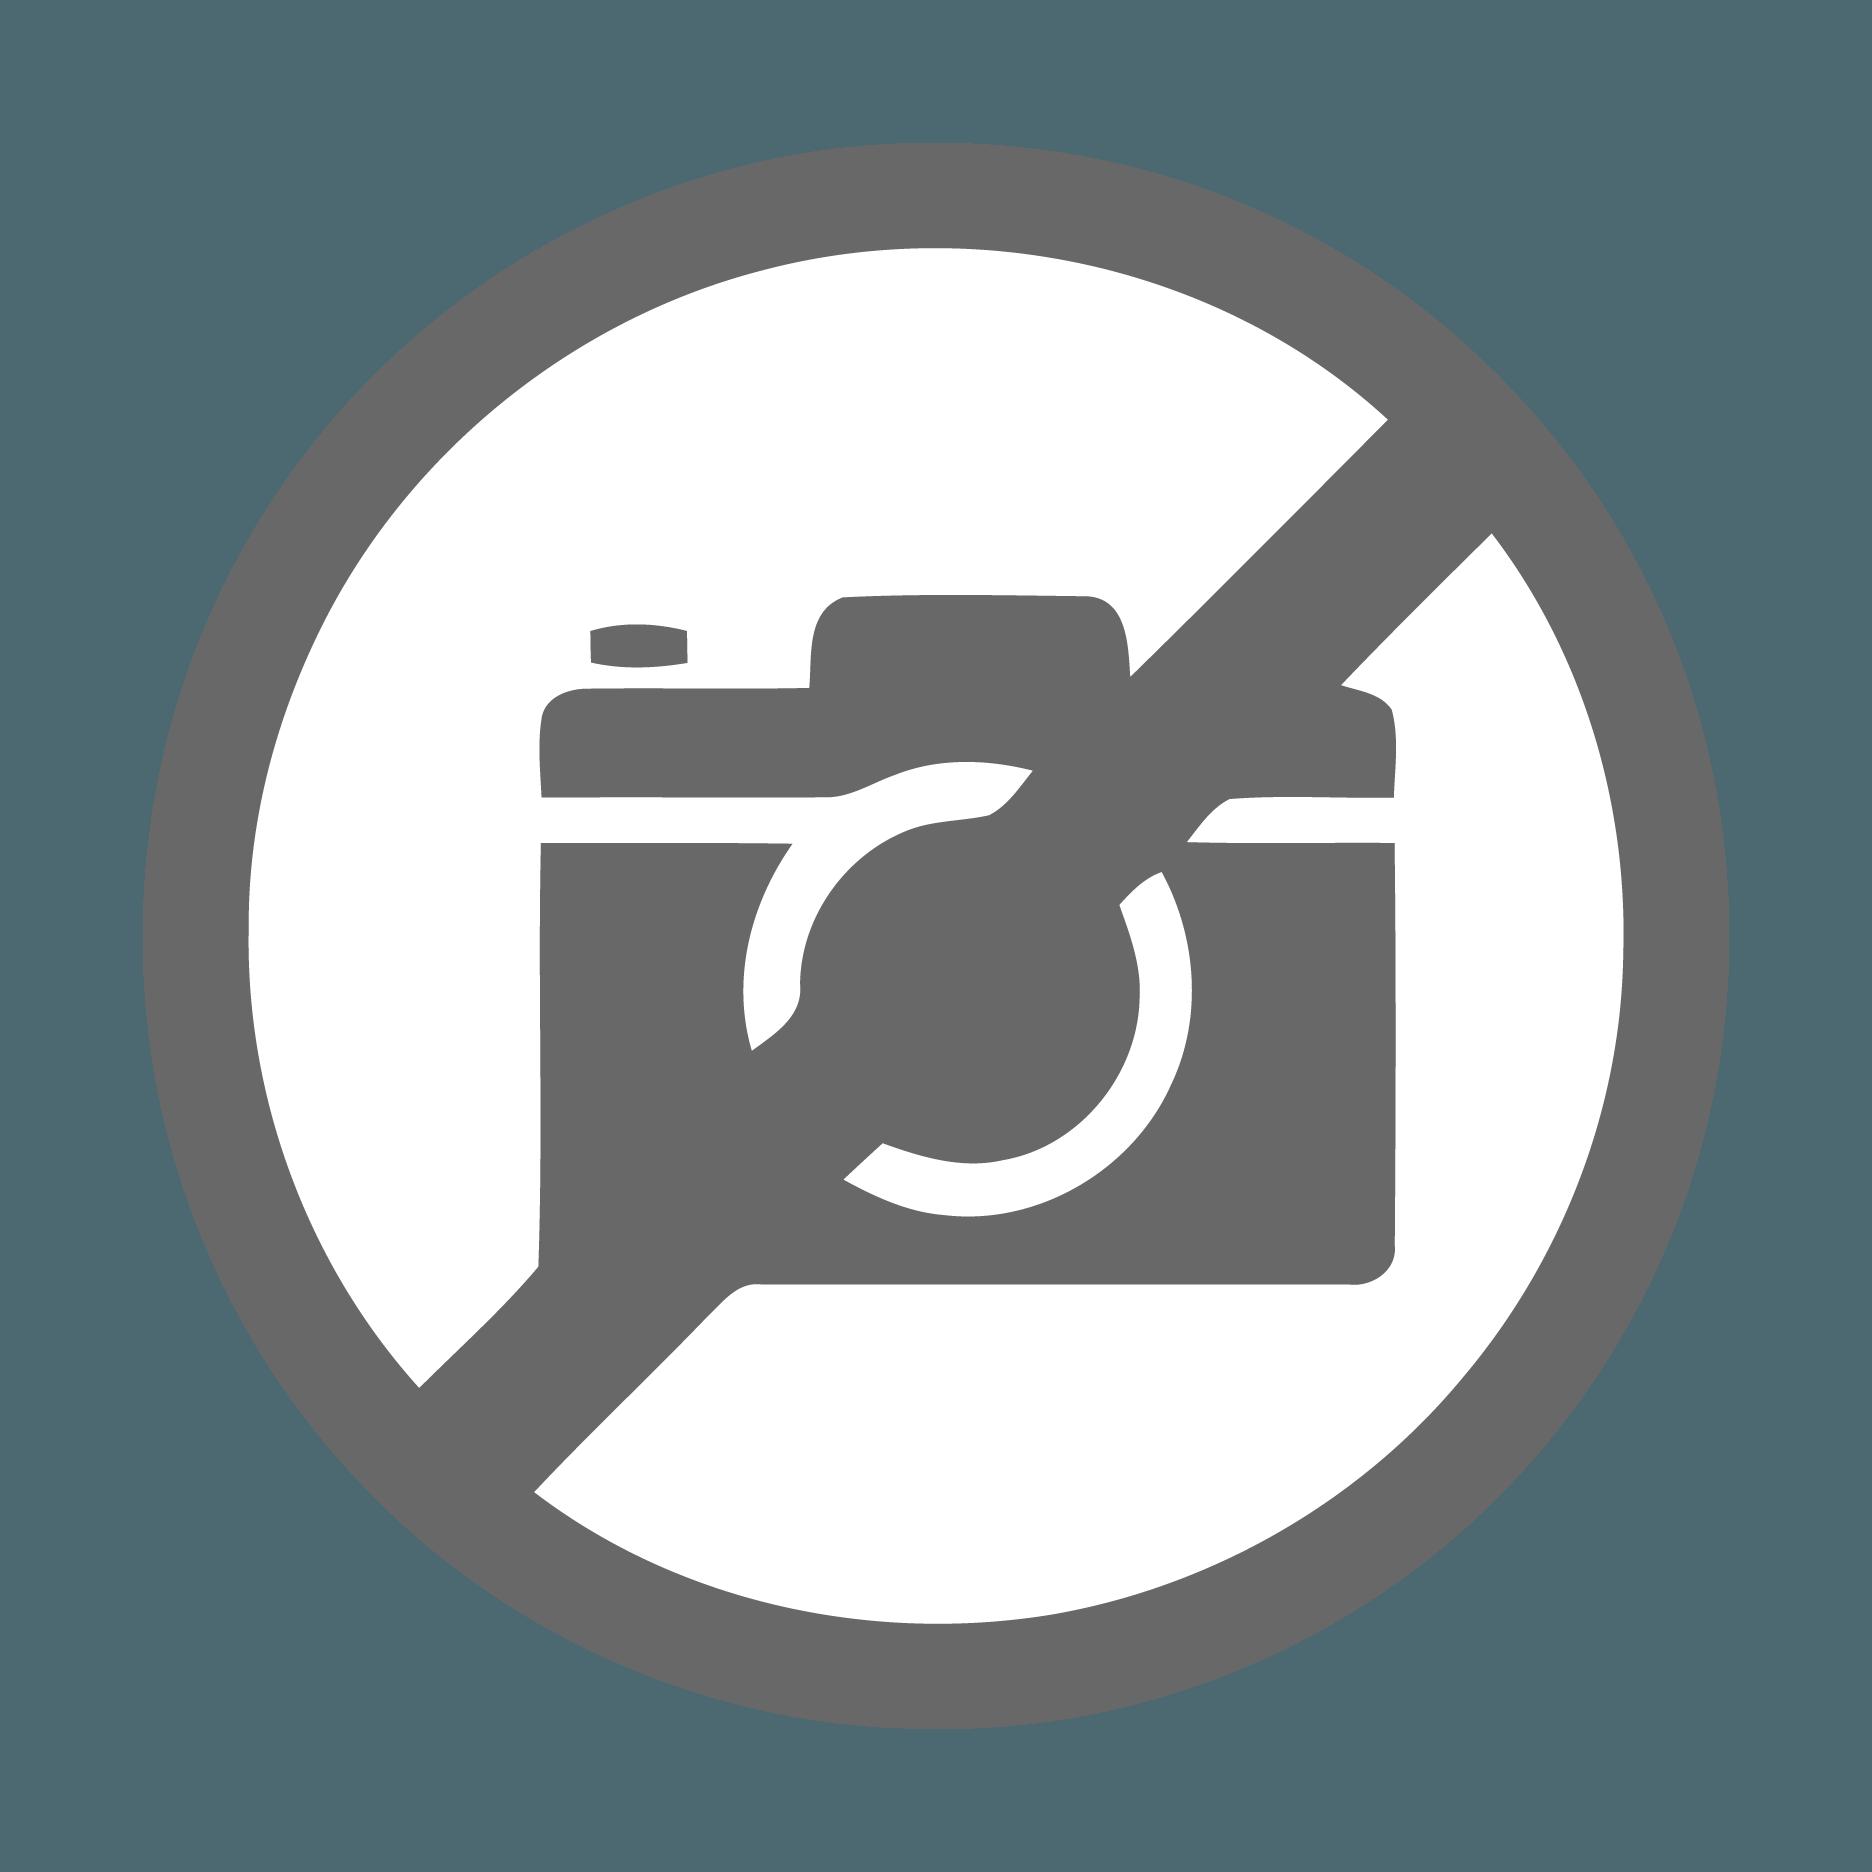 Pieter Oostlander (Shaerpa): 'Vanuit doneren kun je opschuiven richting sociaal investeren. Dan investeer je met vermogen in maatschappelijke organisaties, die voor maatschappelijk rendement gaan. Aan de beleggingskant kun je opschuiven richting impact in